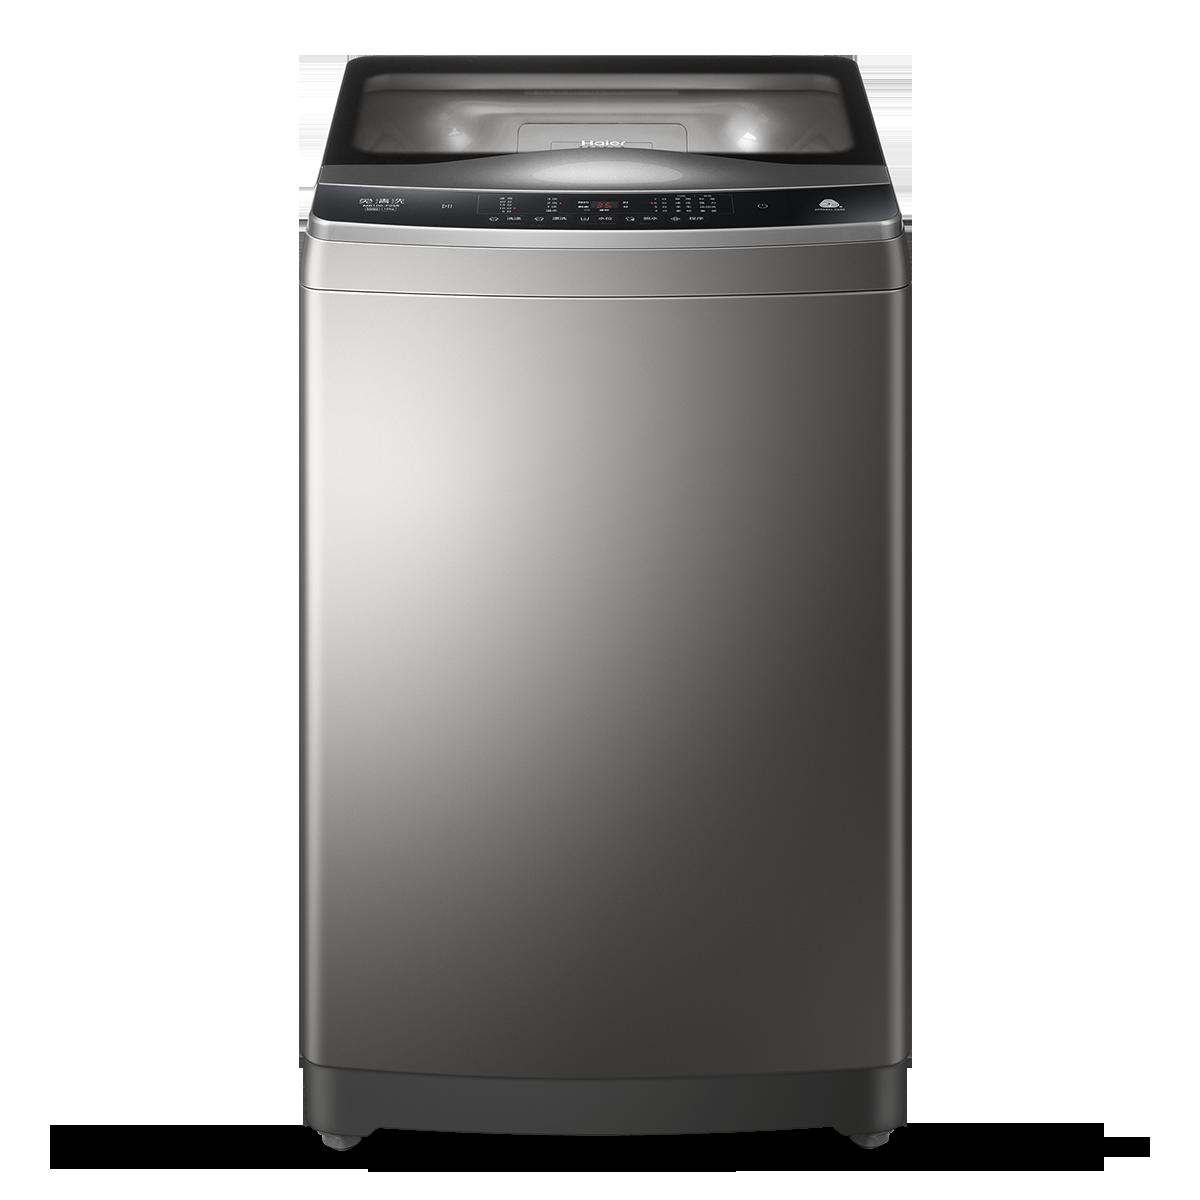 海尔Haier洗衣机 MB100-F058 说明书